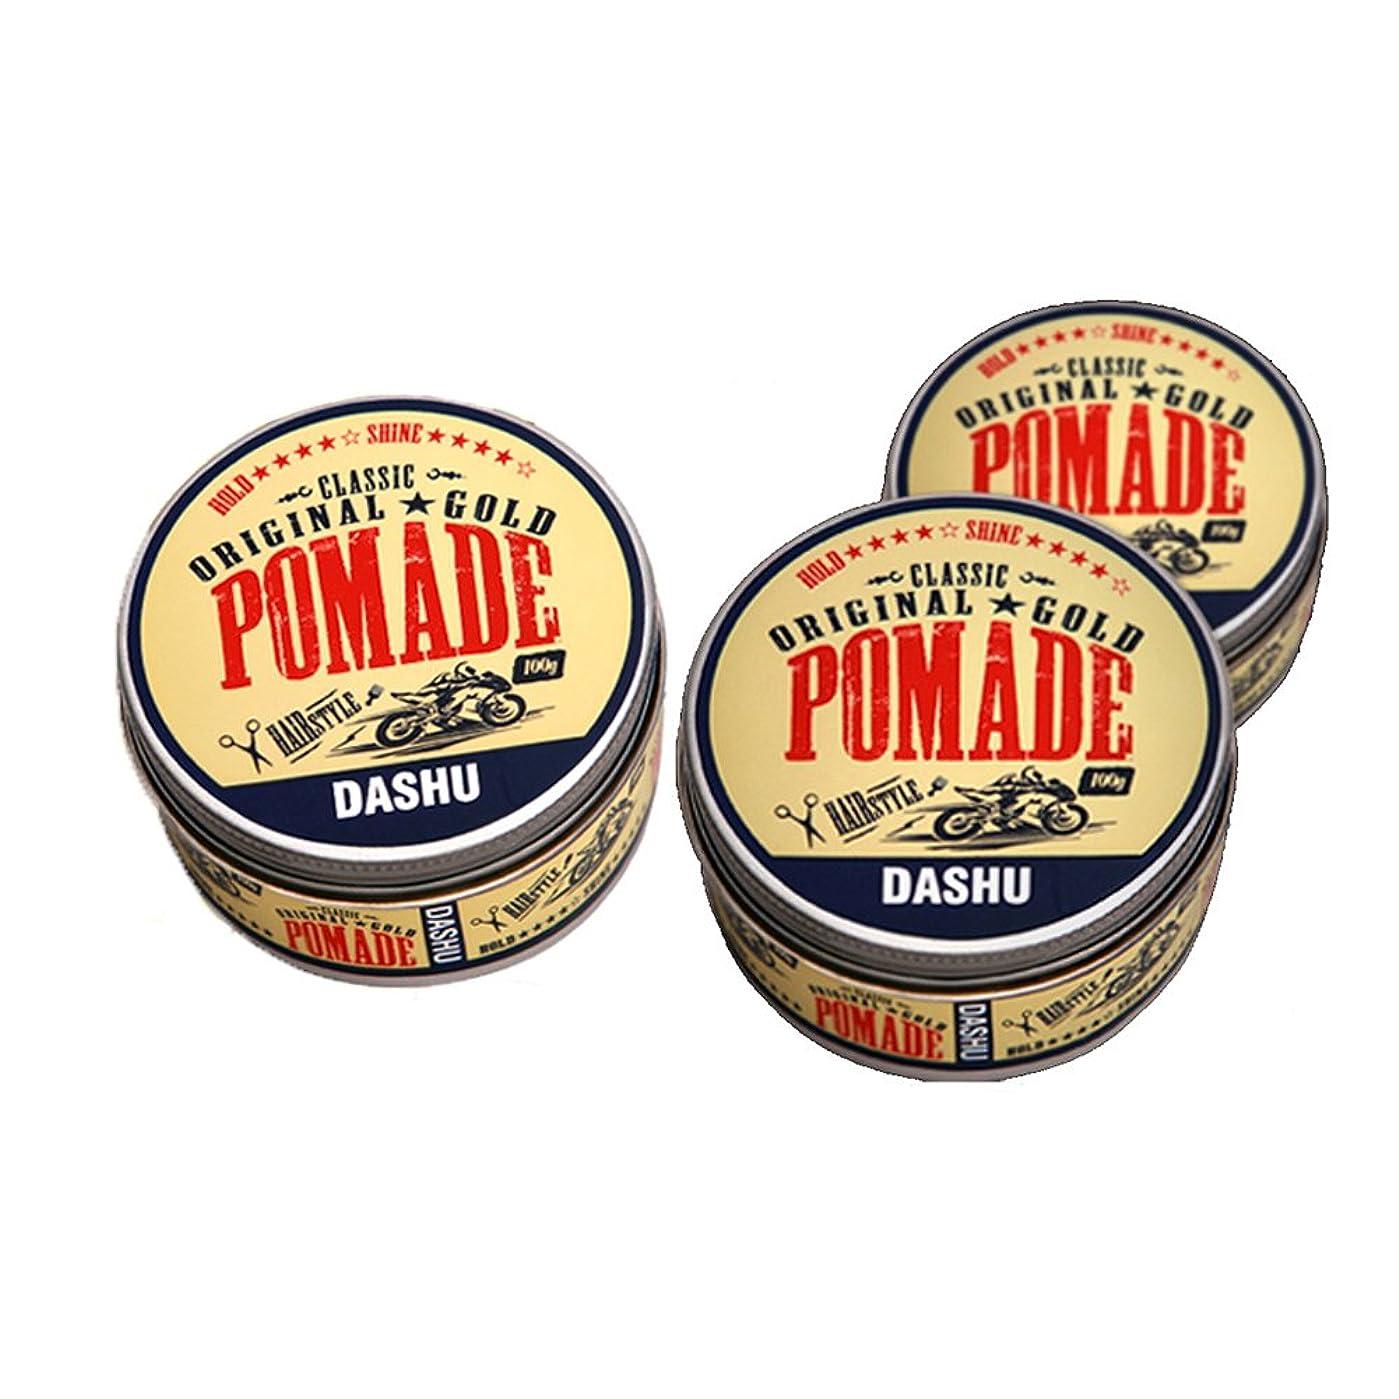 頭穀物手段(3個セット) x [DASHU] ダシュ クラシックオリジナルゴールドポマードヘアワックス Classic Original Gold Pomade Hair Wax 100ml / 韓国製 . 韓国直送品